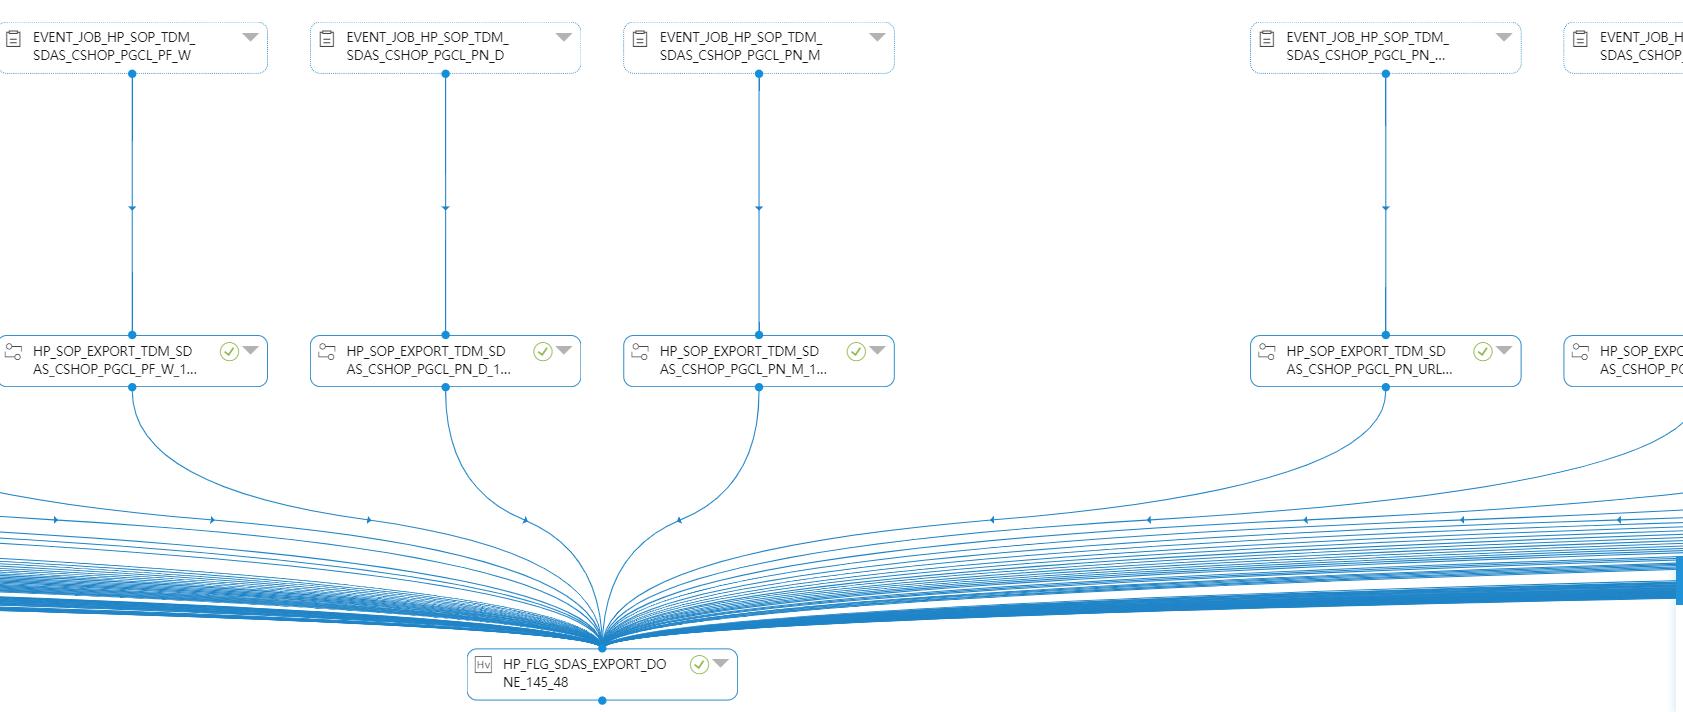 苏宁大数据离线任务开发调度平台实践:开发过程中的要点